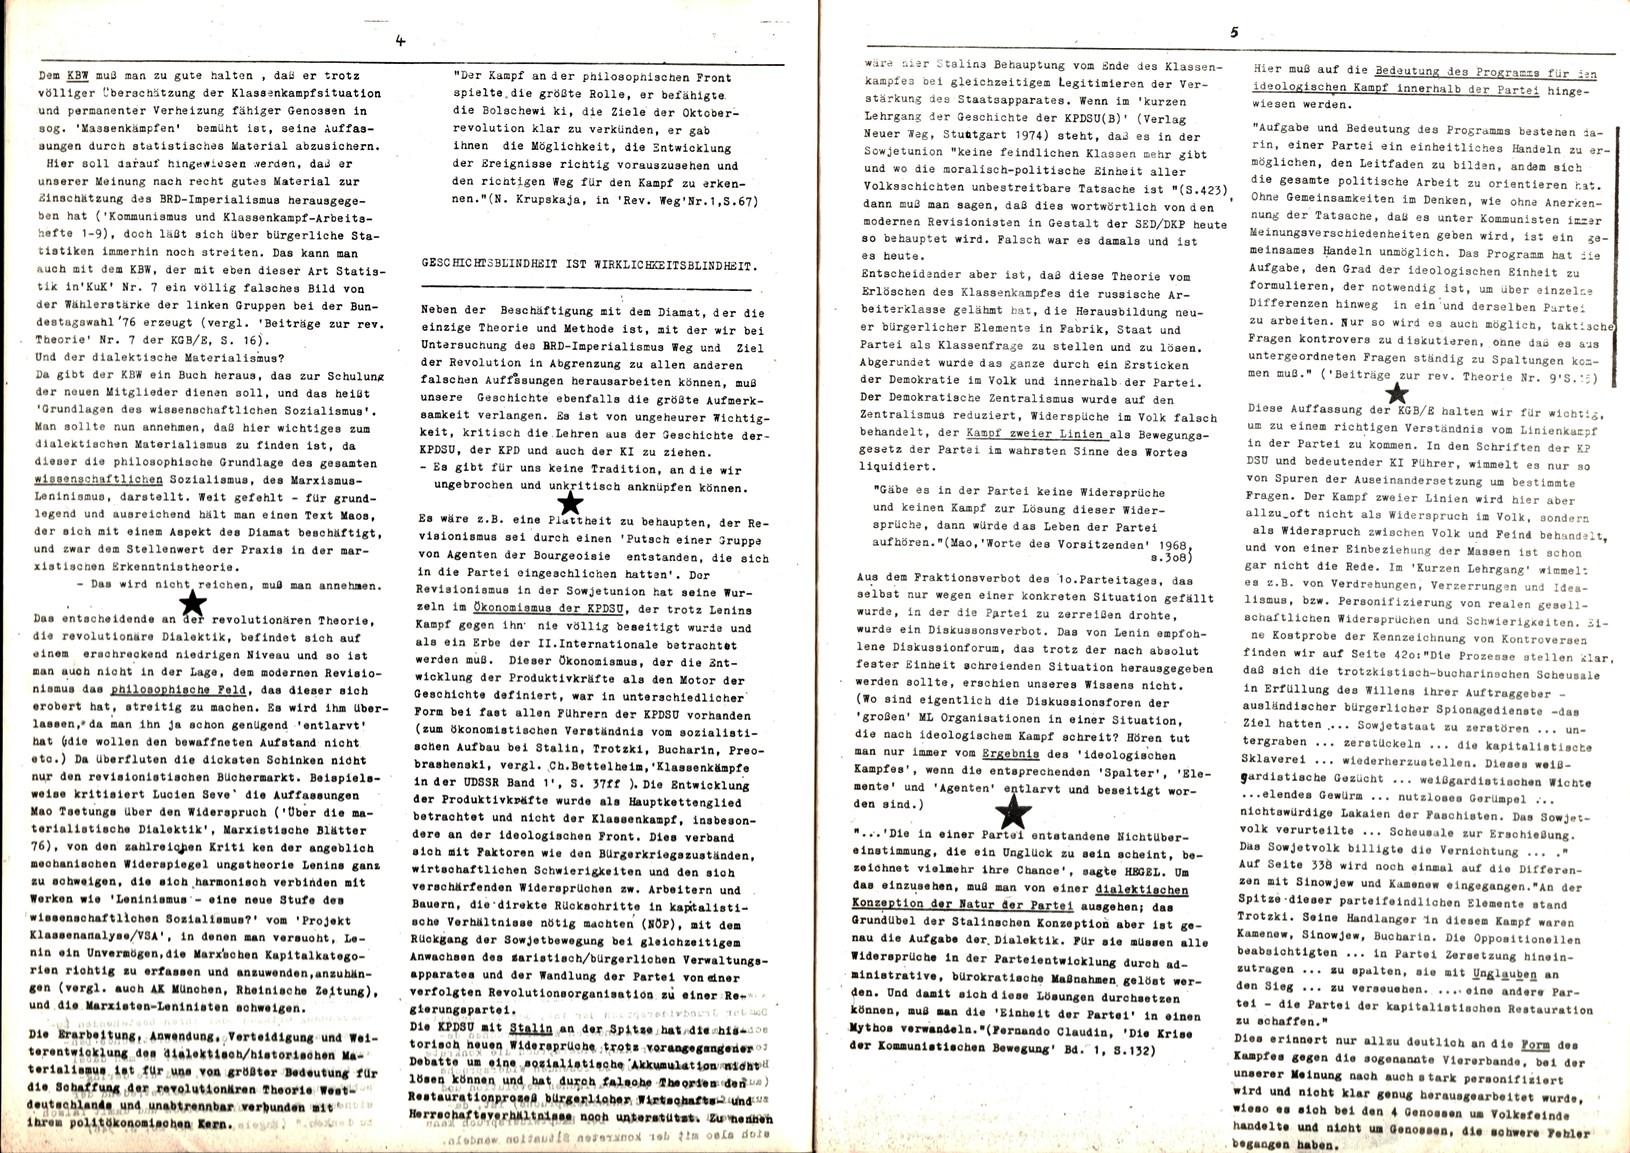 Duesseldorf_KID_Materialien_19780700_004